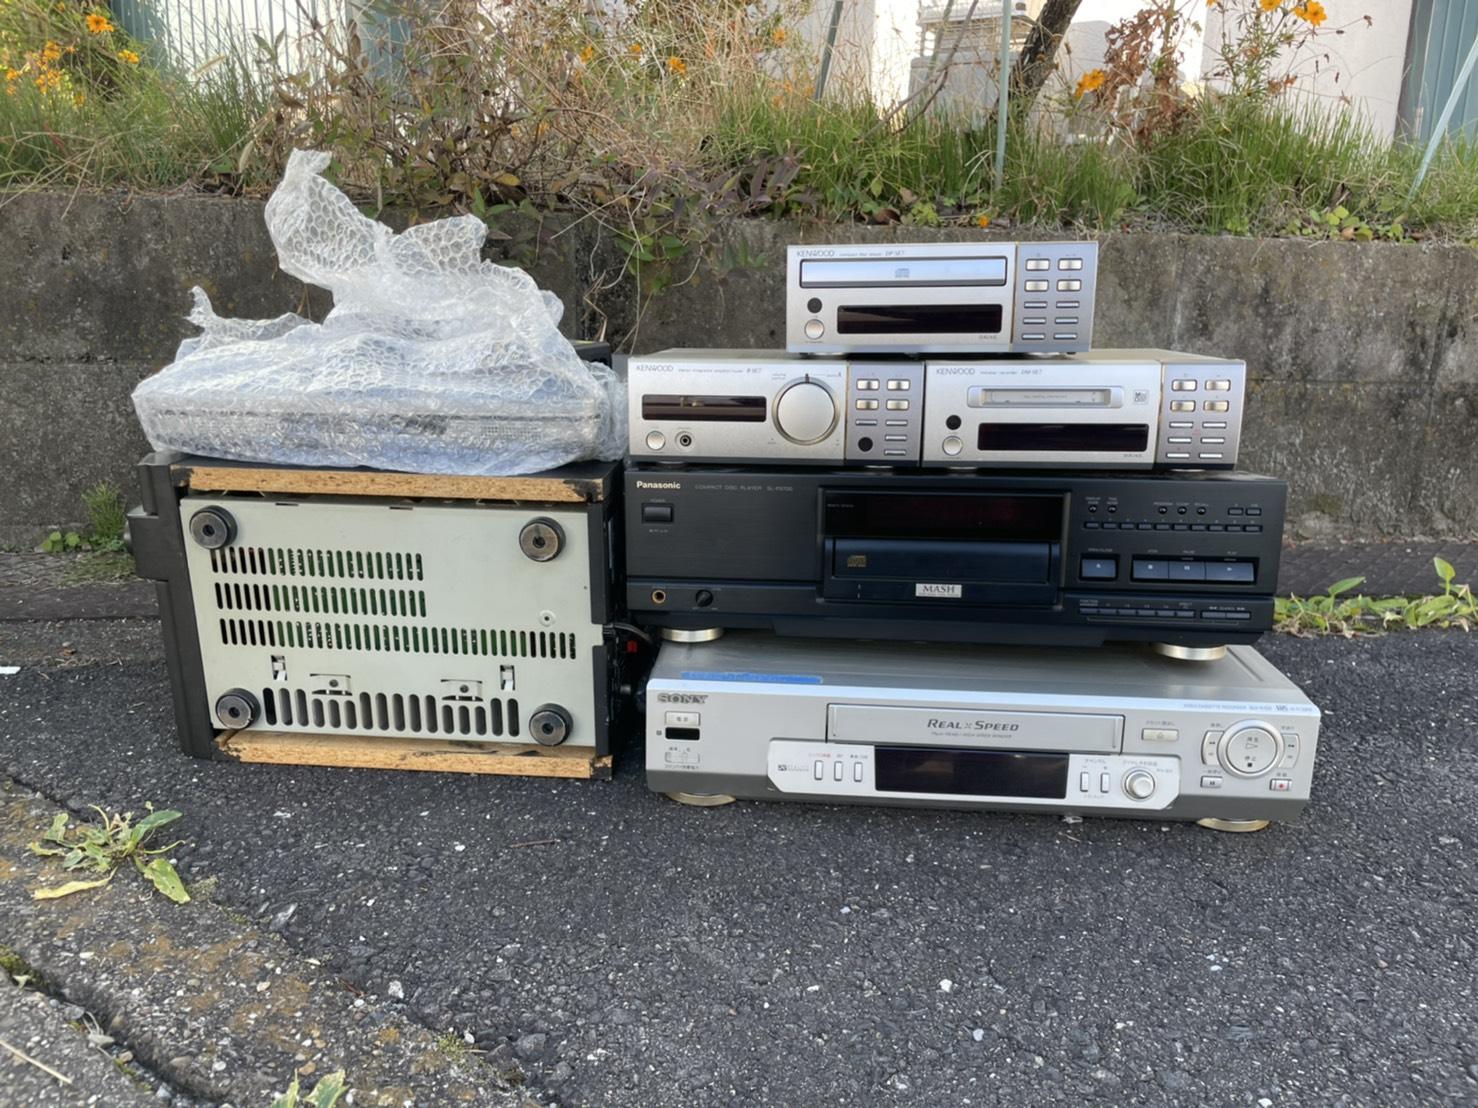 スピーカー、音楽プレイヤー、DVDレコーダーの回収前